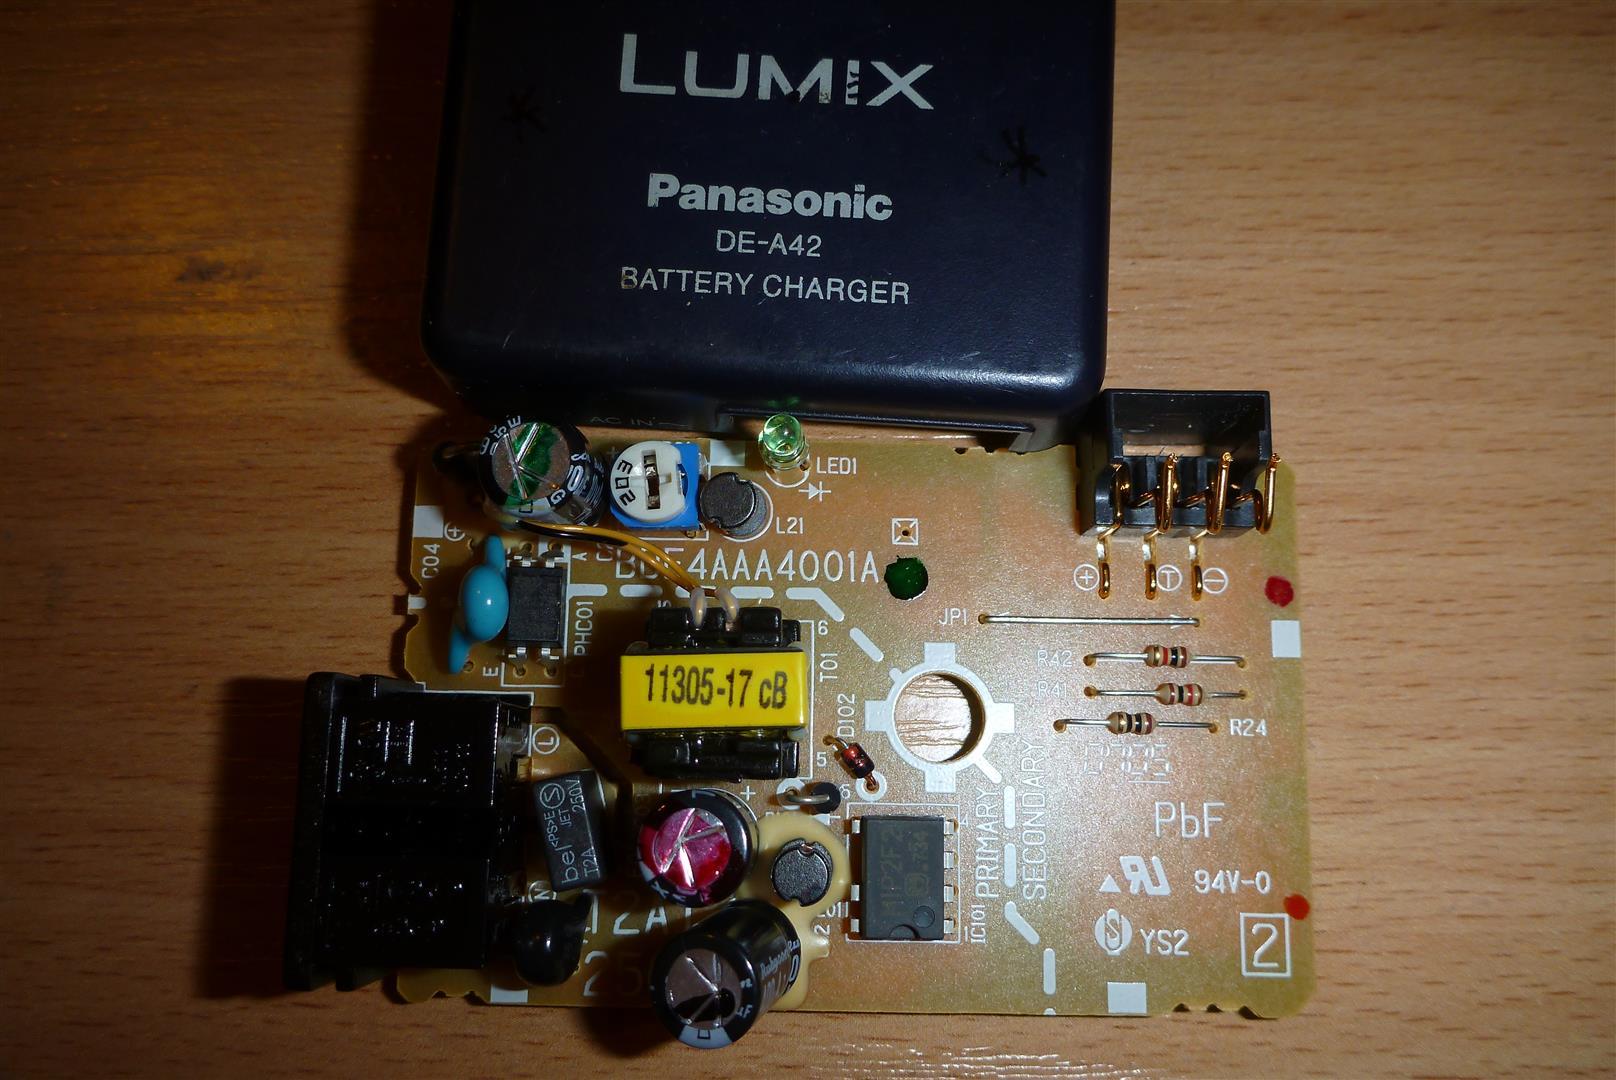 �adowarka Panasonic DE-A42 - Jak j� zmusi� do �adowania innych Li-ion np 18650